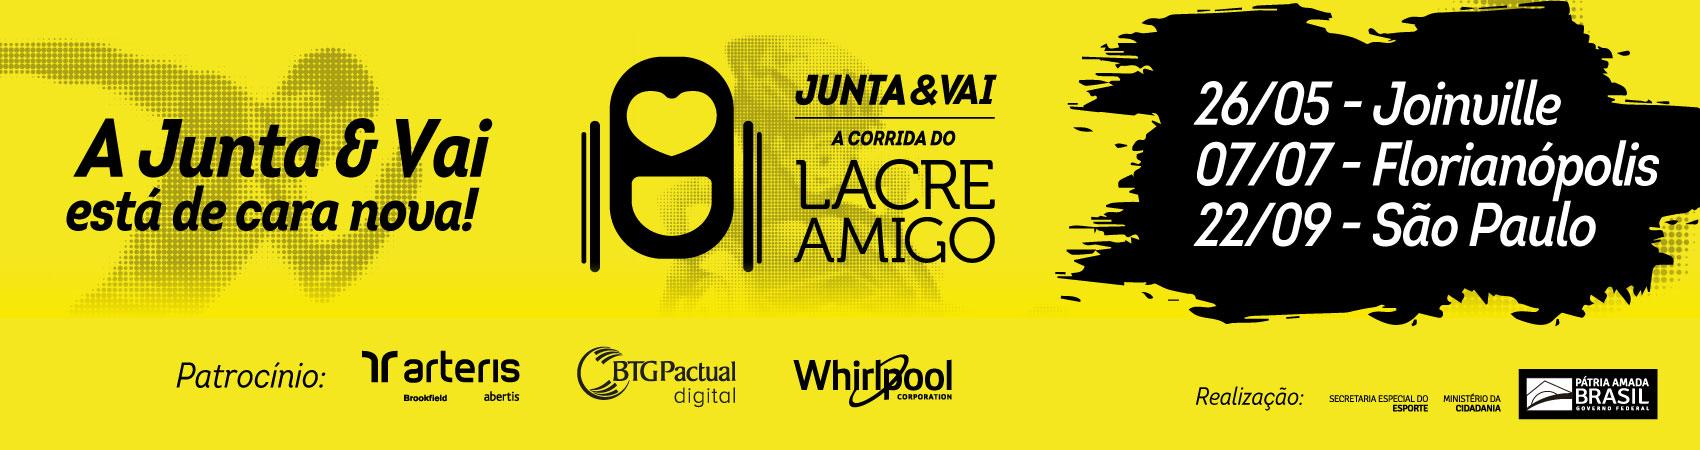 Junta e Vai - A Corrida do Lacre Amigo - Etapa Joinville